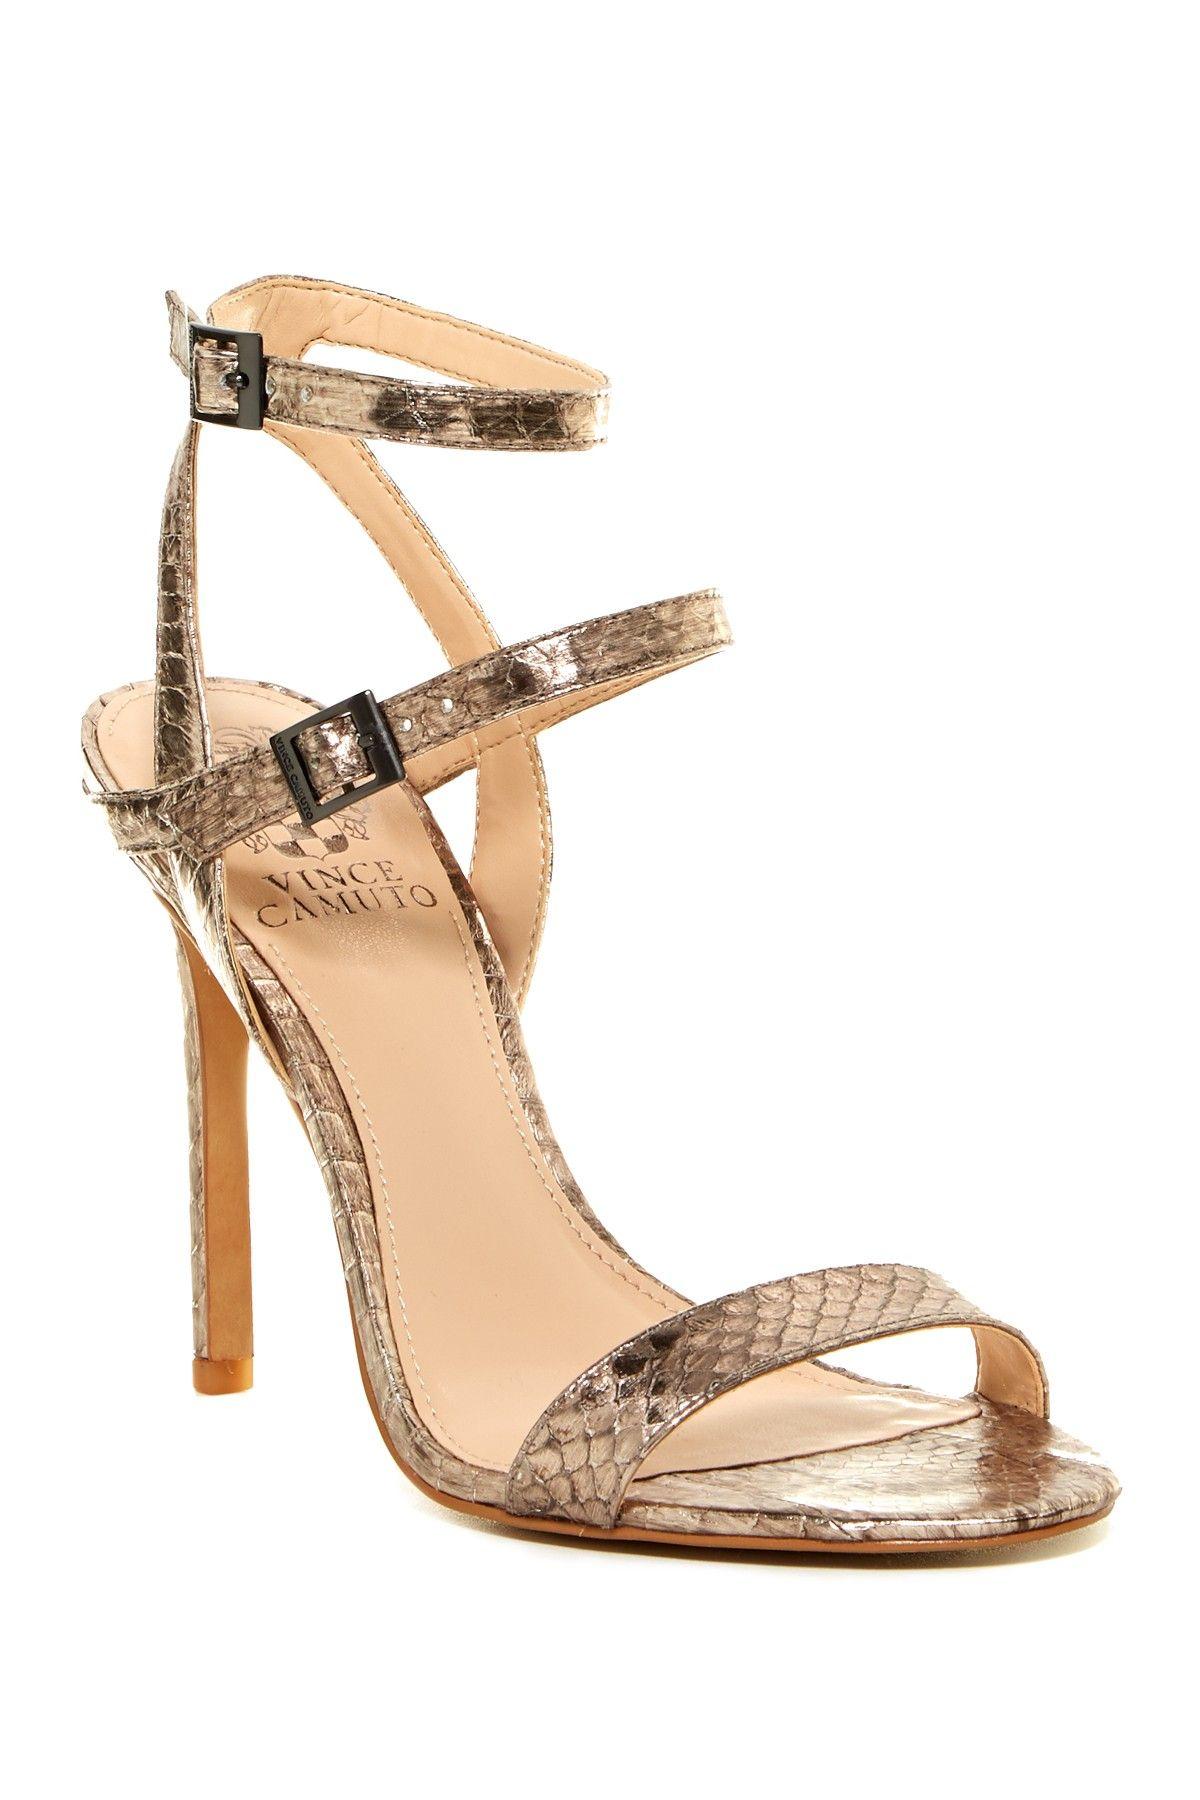 Vince Camuto | Tami High Heel Sandal